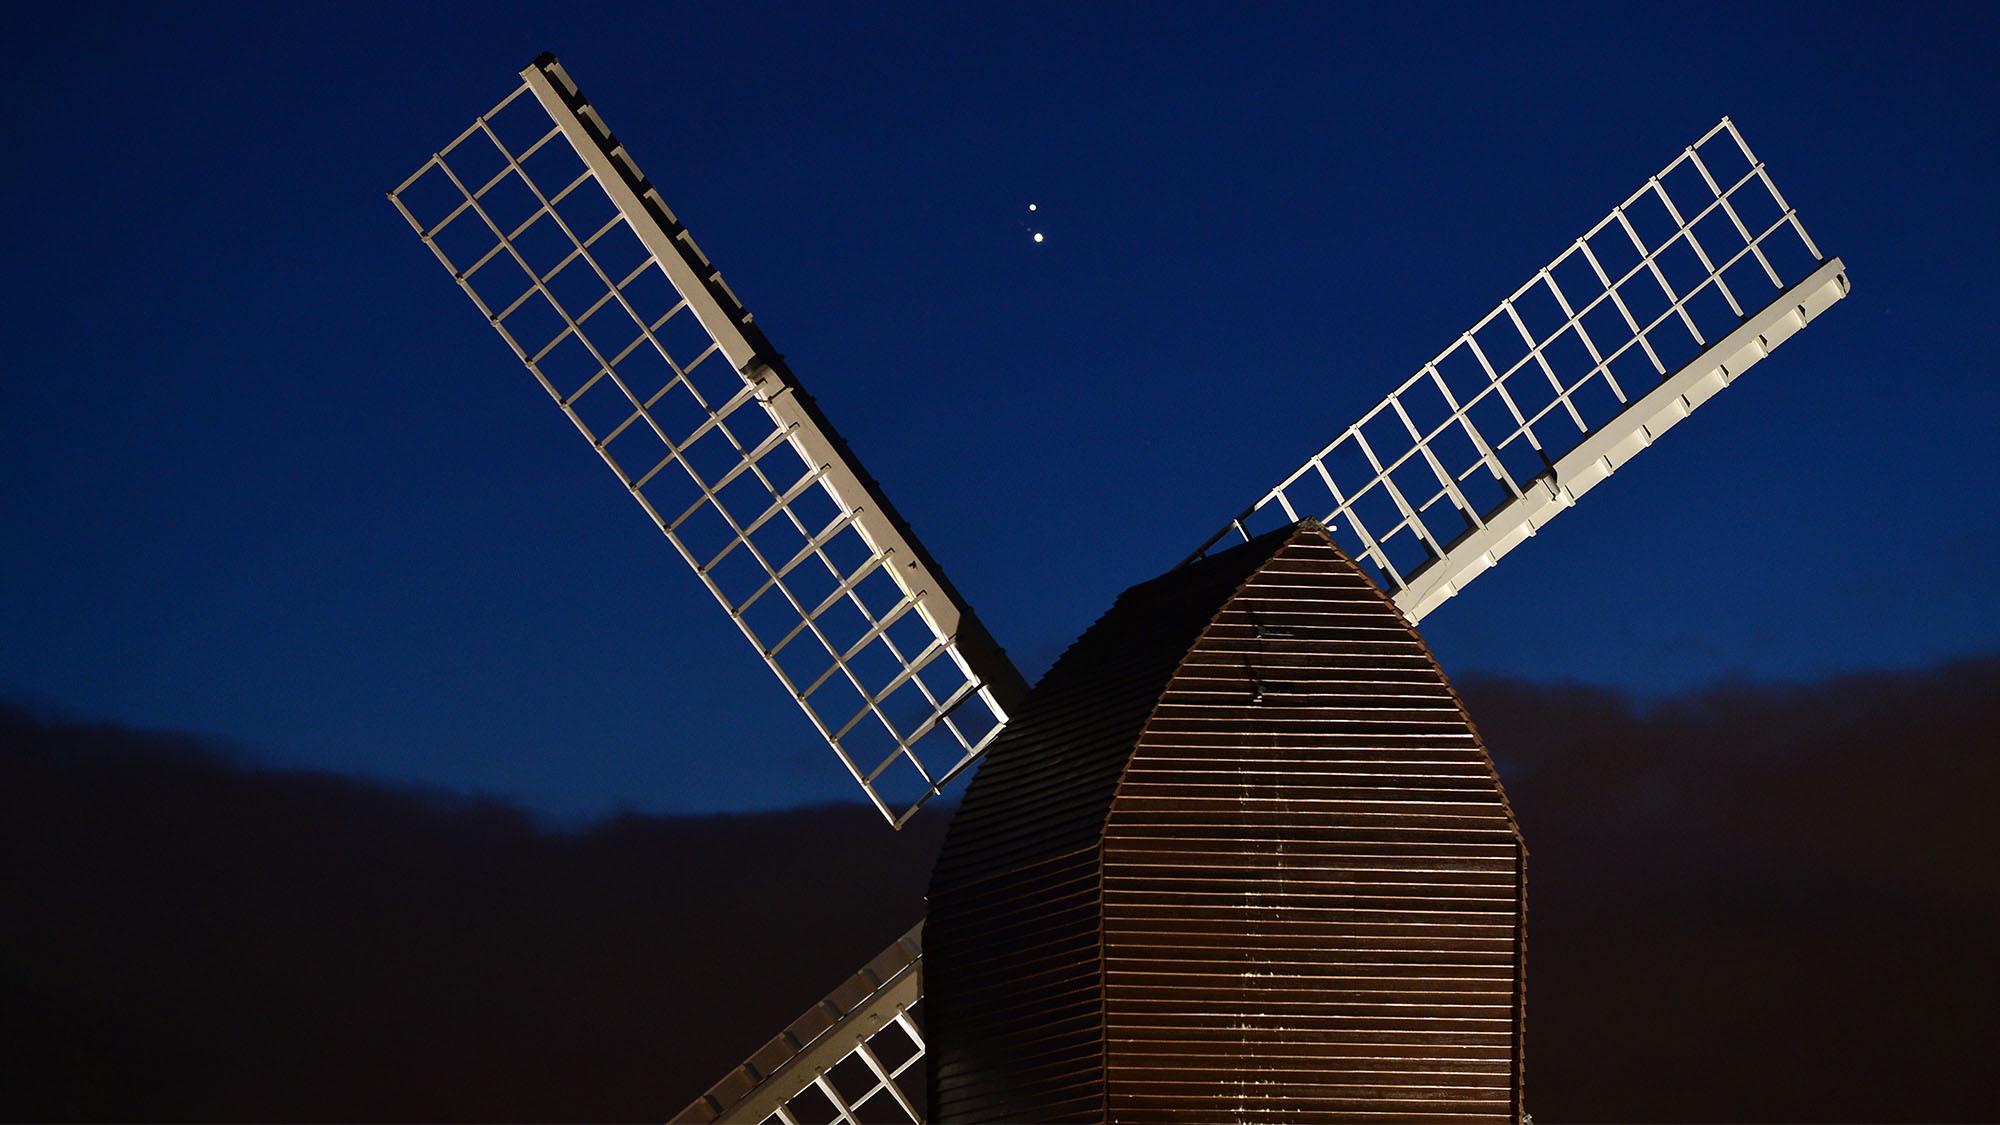 Jupiter et Saturne convergent au-dessus d'un moulin à vent à Brill, en Angleterre, pendant la